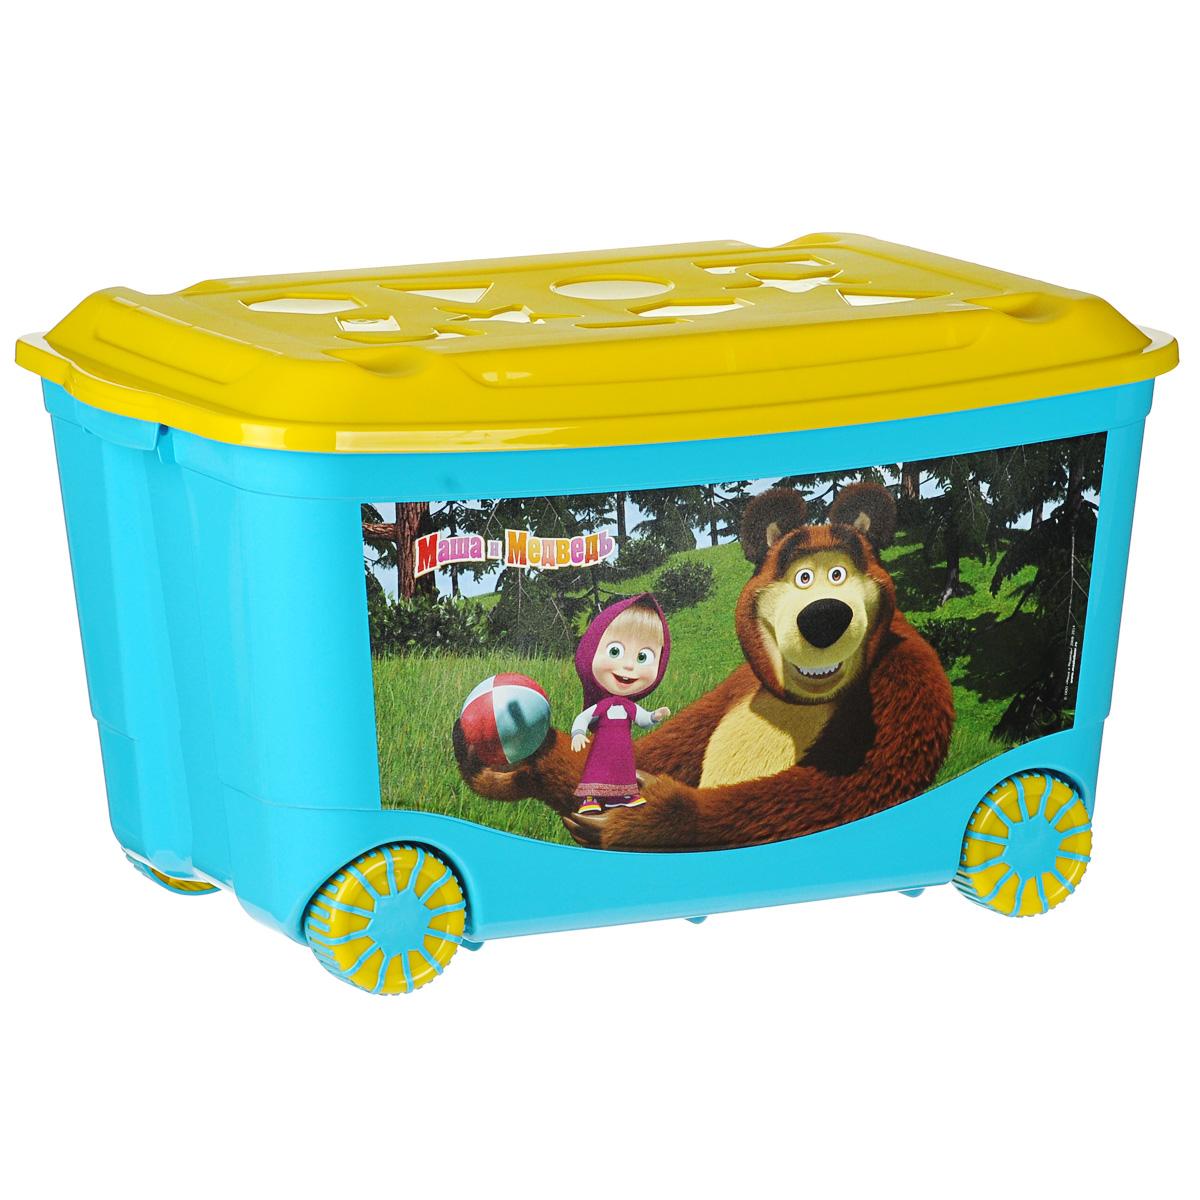 Ящик для игрушек Пластишка Маша и Медведь, на колесах, цвет: голубой, желтый, 58 см х 39 см х 33,5 смС13794 (4313794)Ящик Пластишка Маша и Медведь, выполненный из высококачественного пластика, предназначен для хранения детских игрушек. Ящик оснащен прорезиненными колесами, удобными ручками для переноски и специальными отверстиями, через которые можно продеть тесьму или веревку, чтобы ребенок мог легко передвигать его. Крышка ящика декорирована геометрическими фигурами. Конструкция замков позволяет фиксировать крышку, что препятствует попаданию пыли, влаги, насекомых.